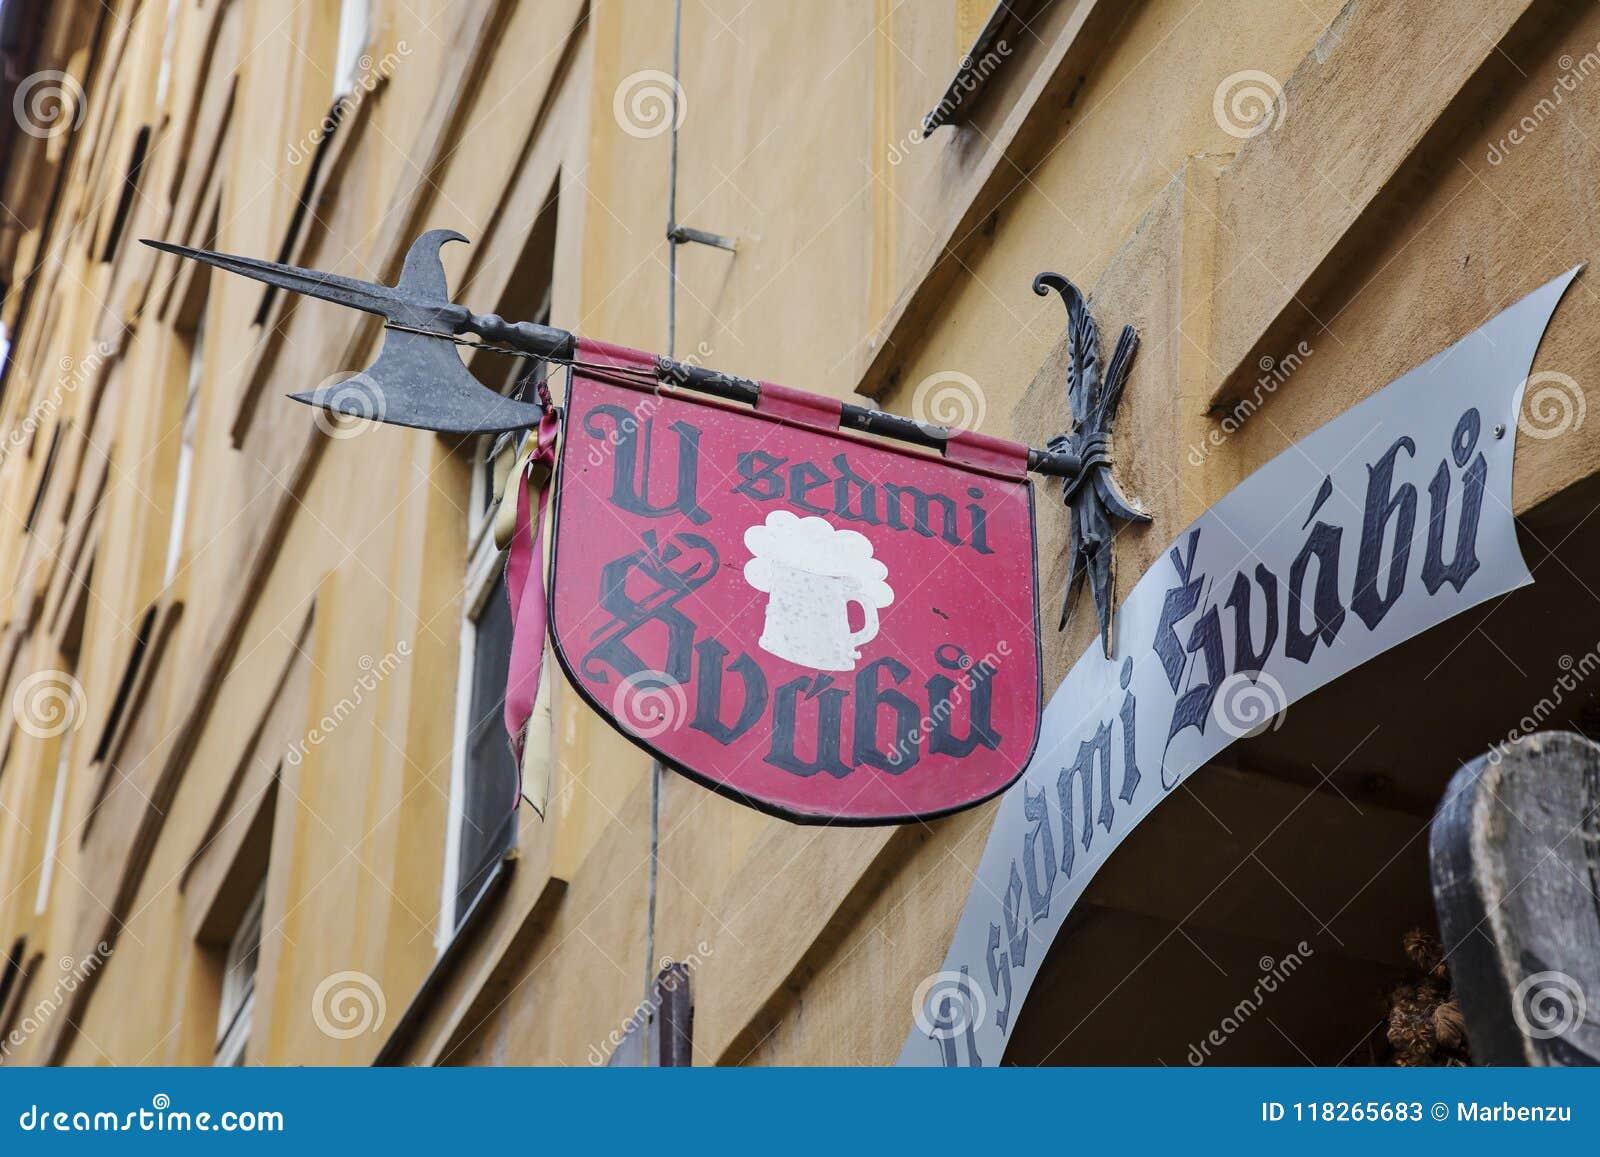 Tradycyjny turystyczny restauraci U sedmi svabu w Praga dziejowym centrum